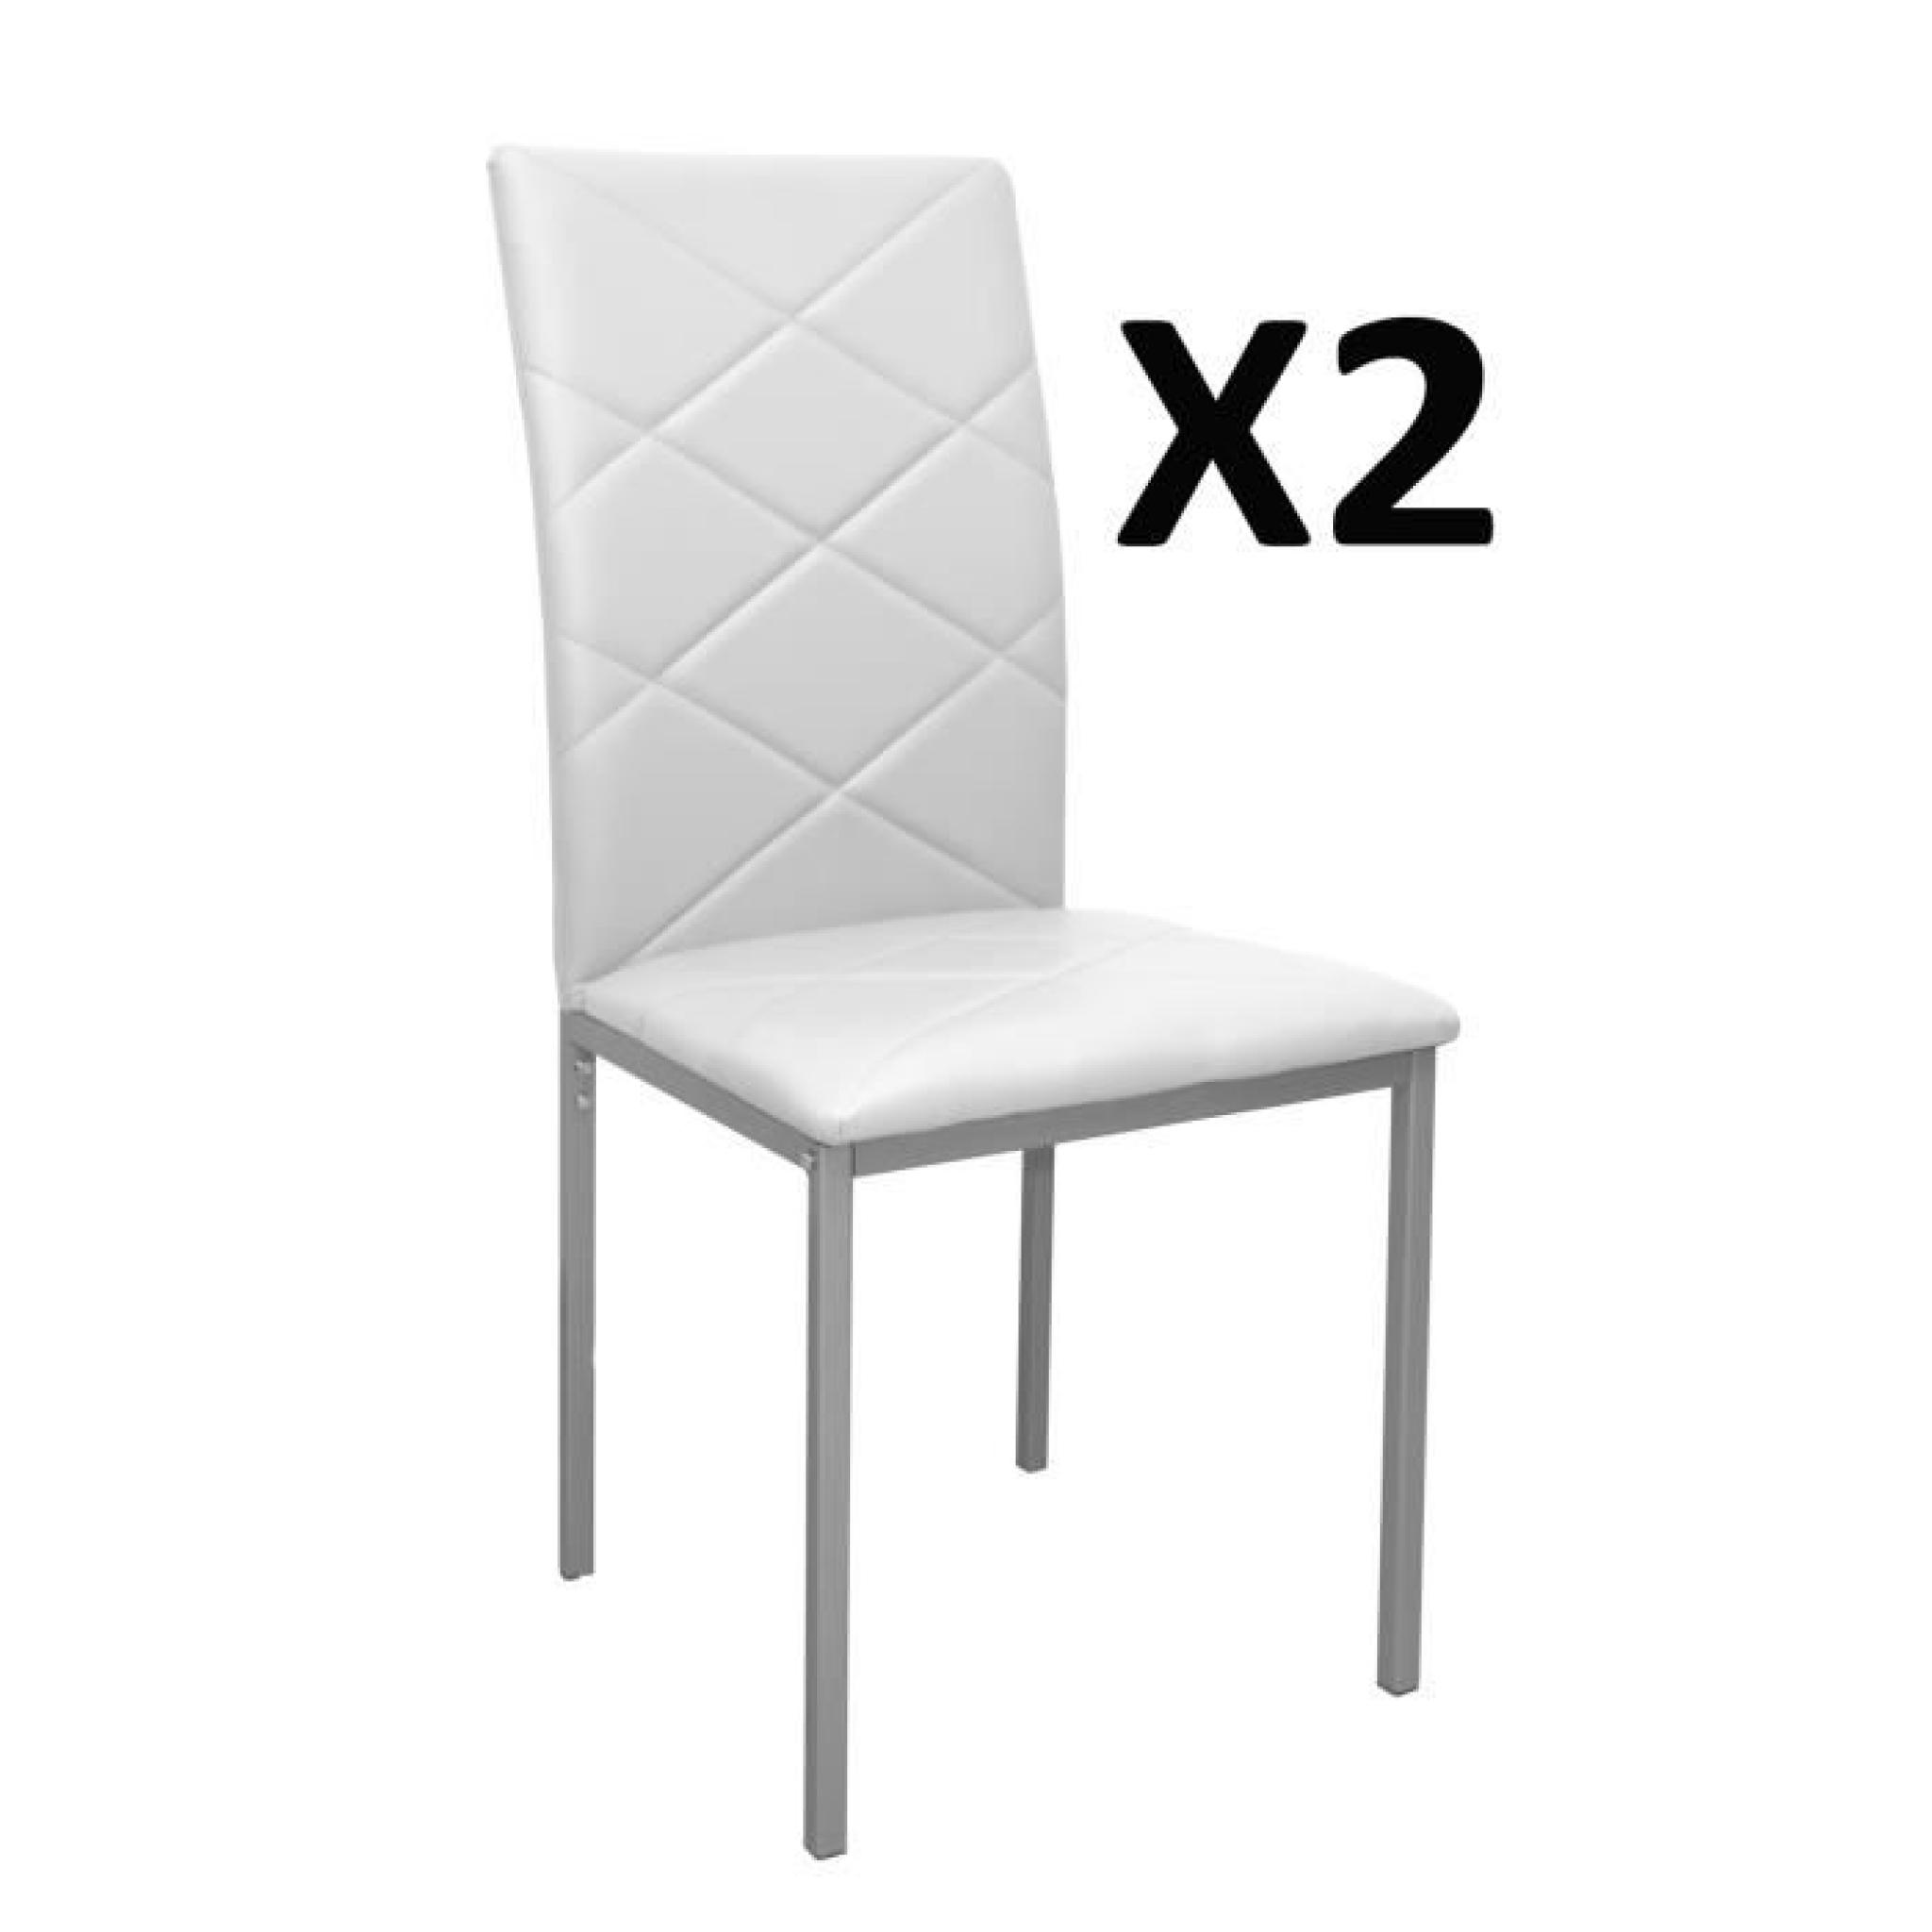 lot de 2 chaises blanche rev tement pu 510 x 430 x 950 mm achat vente chaise salle a manger. Black Bedroom Furniture Sets. Home Design Ideas